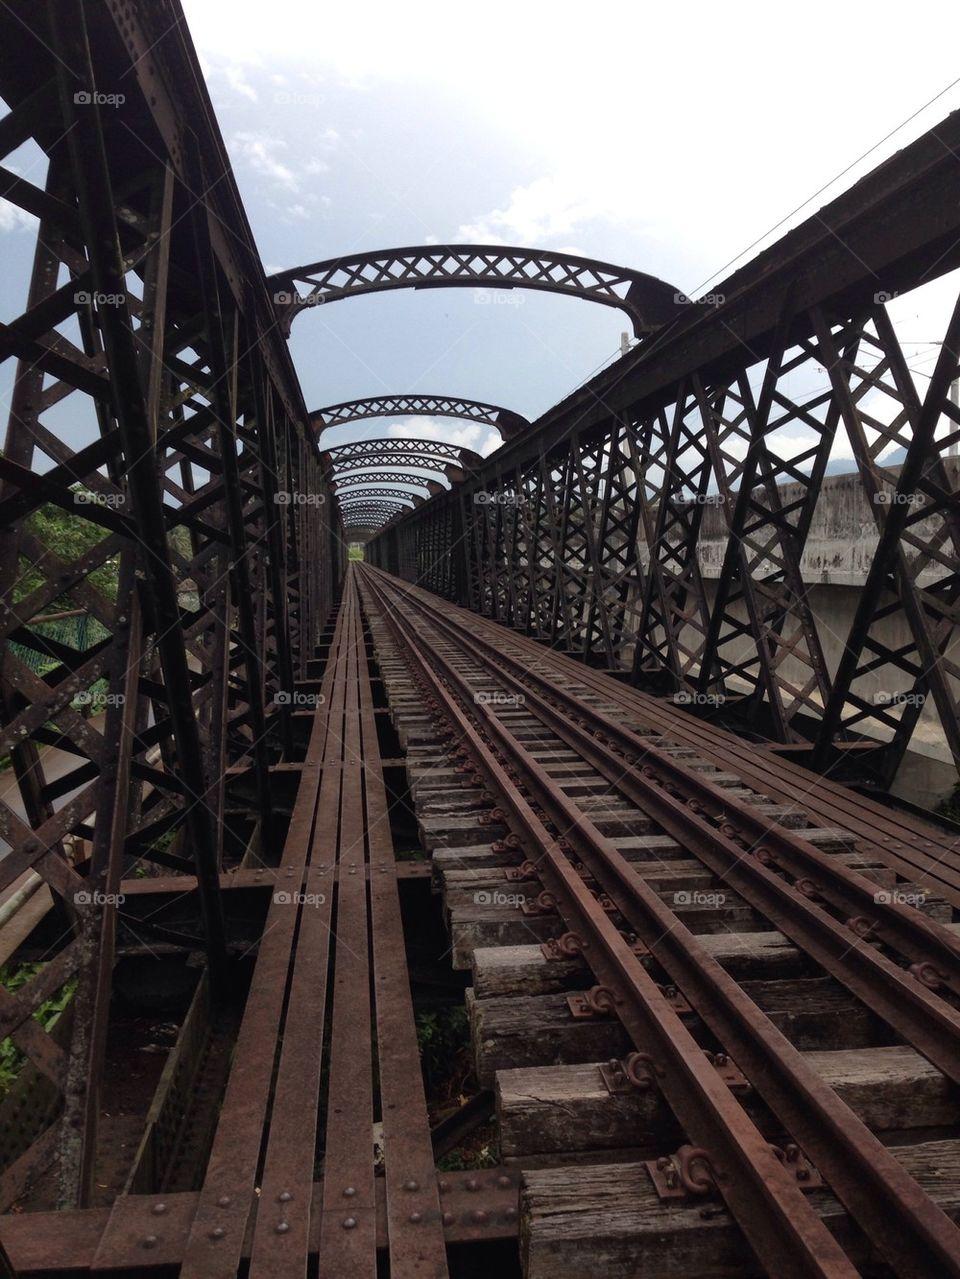 Victoria railway